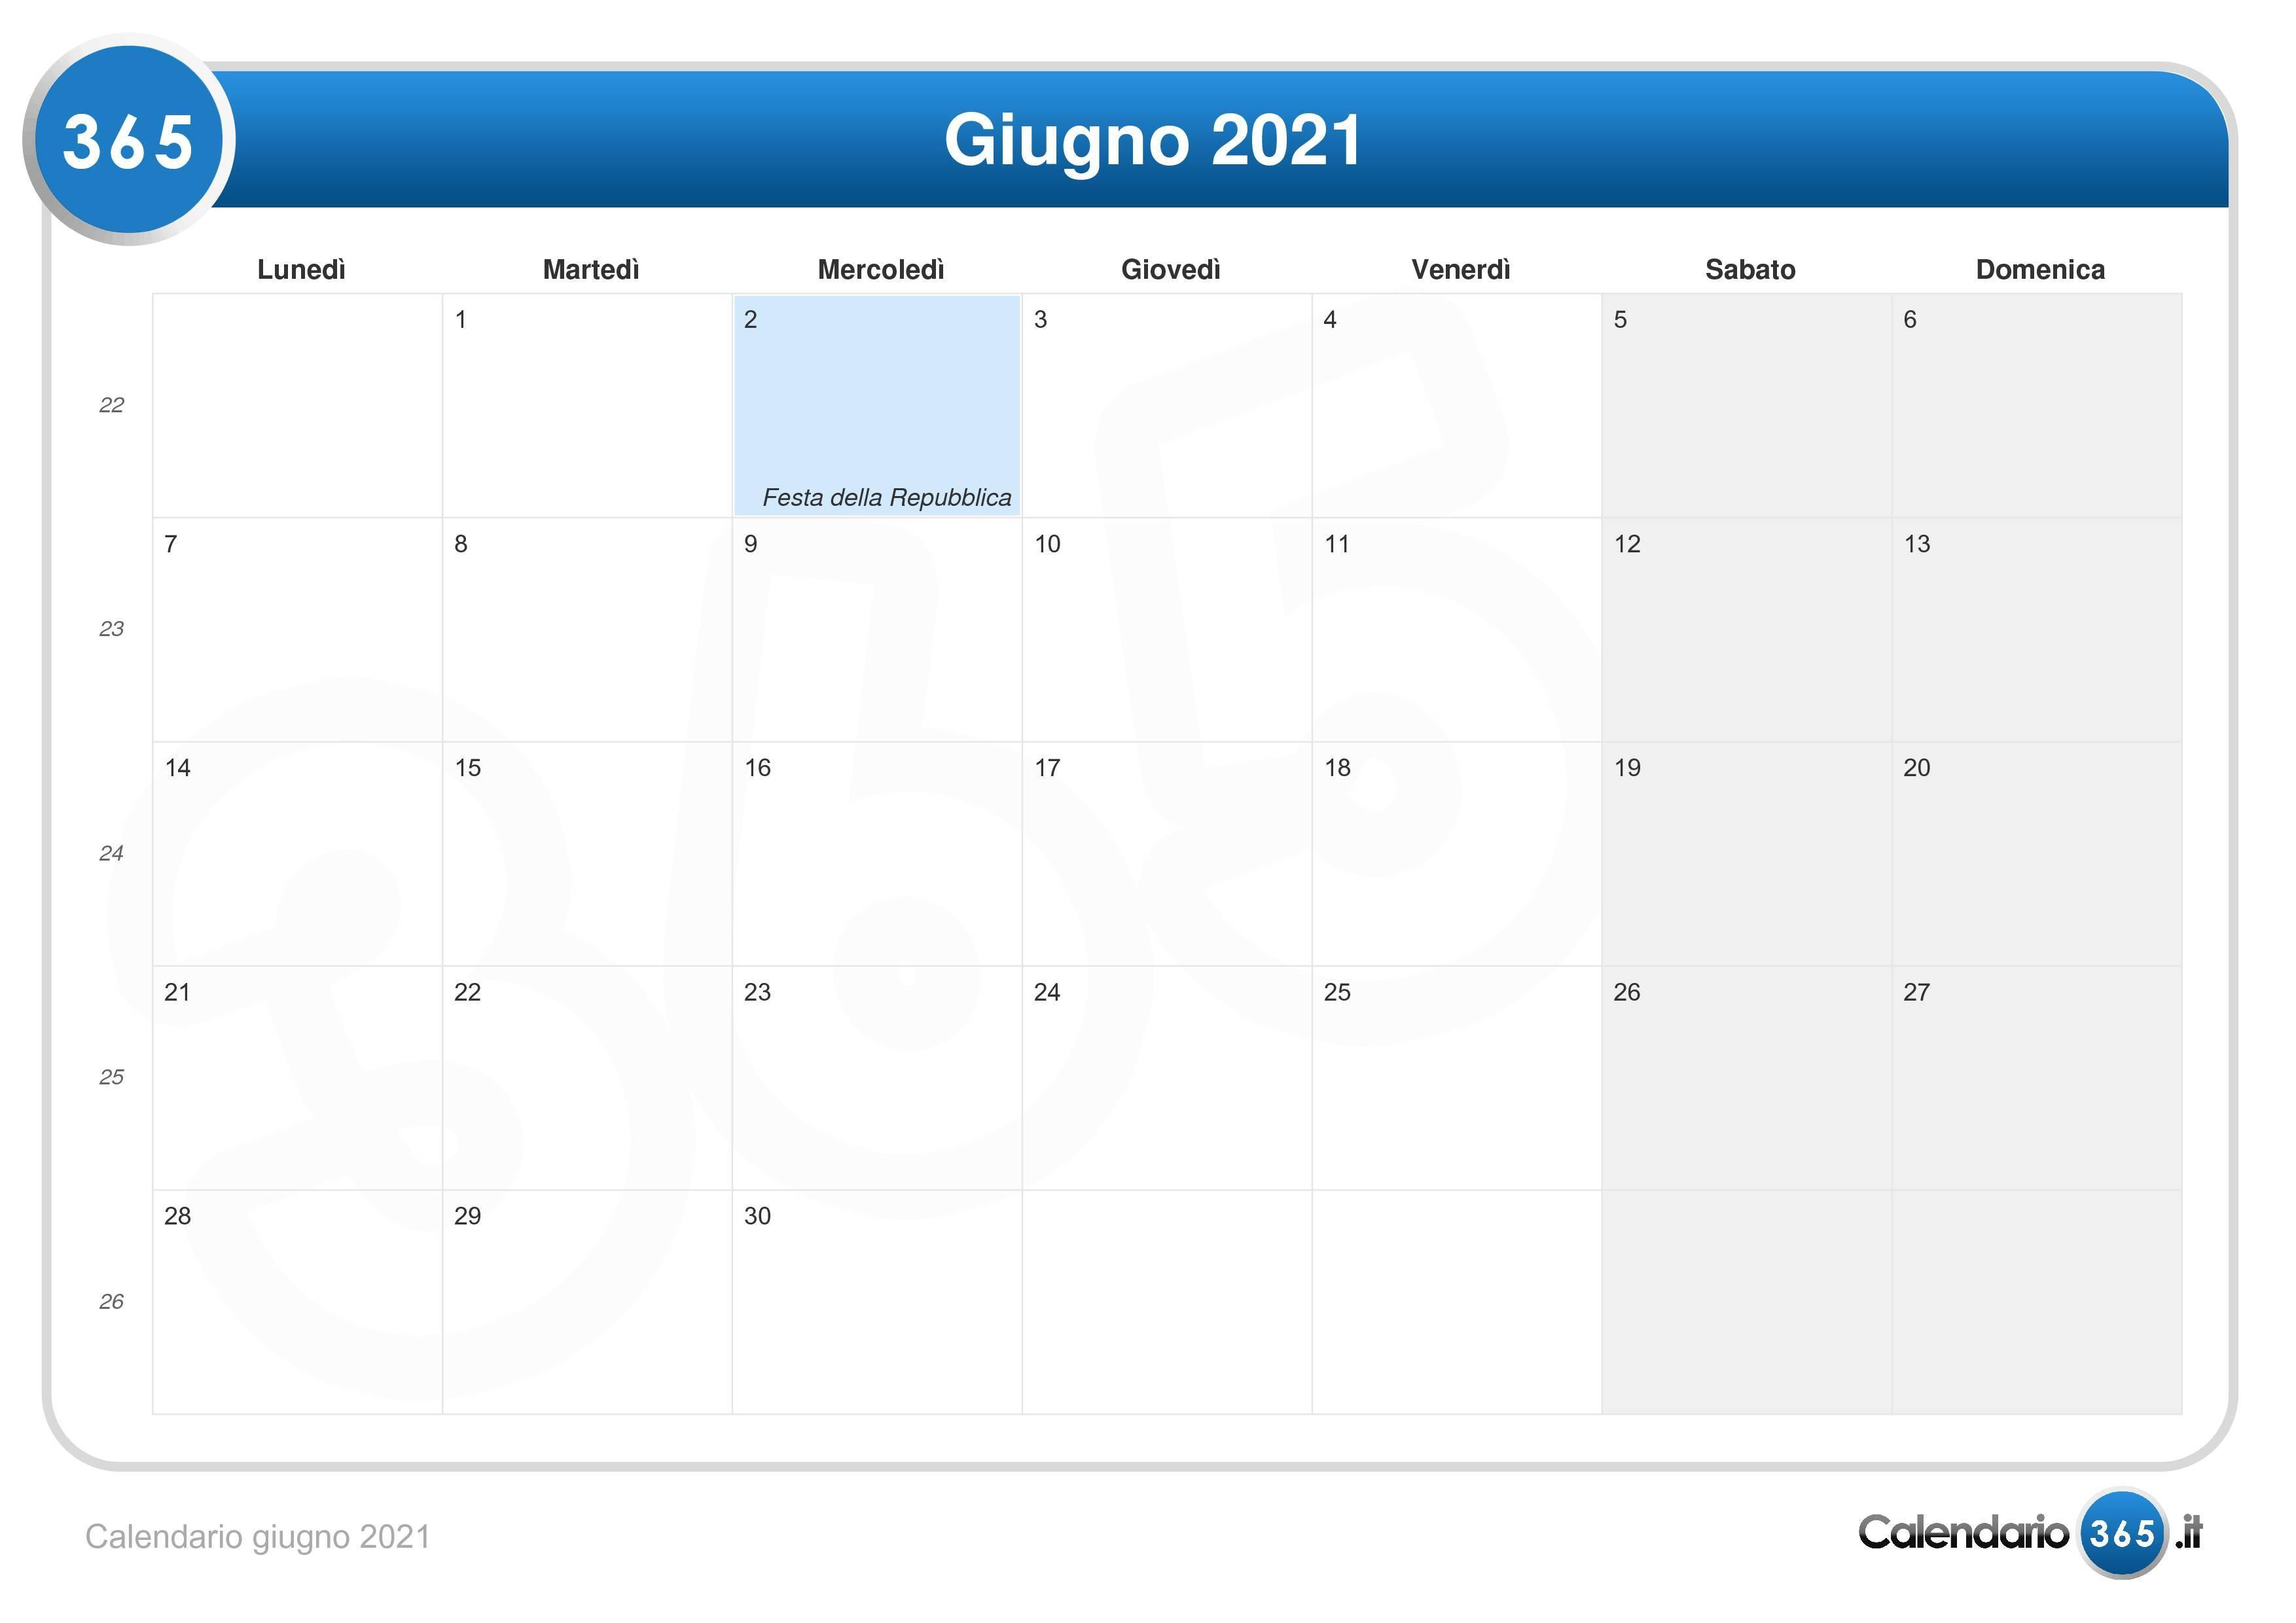 Calendario giugno 2021